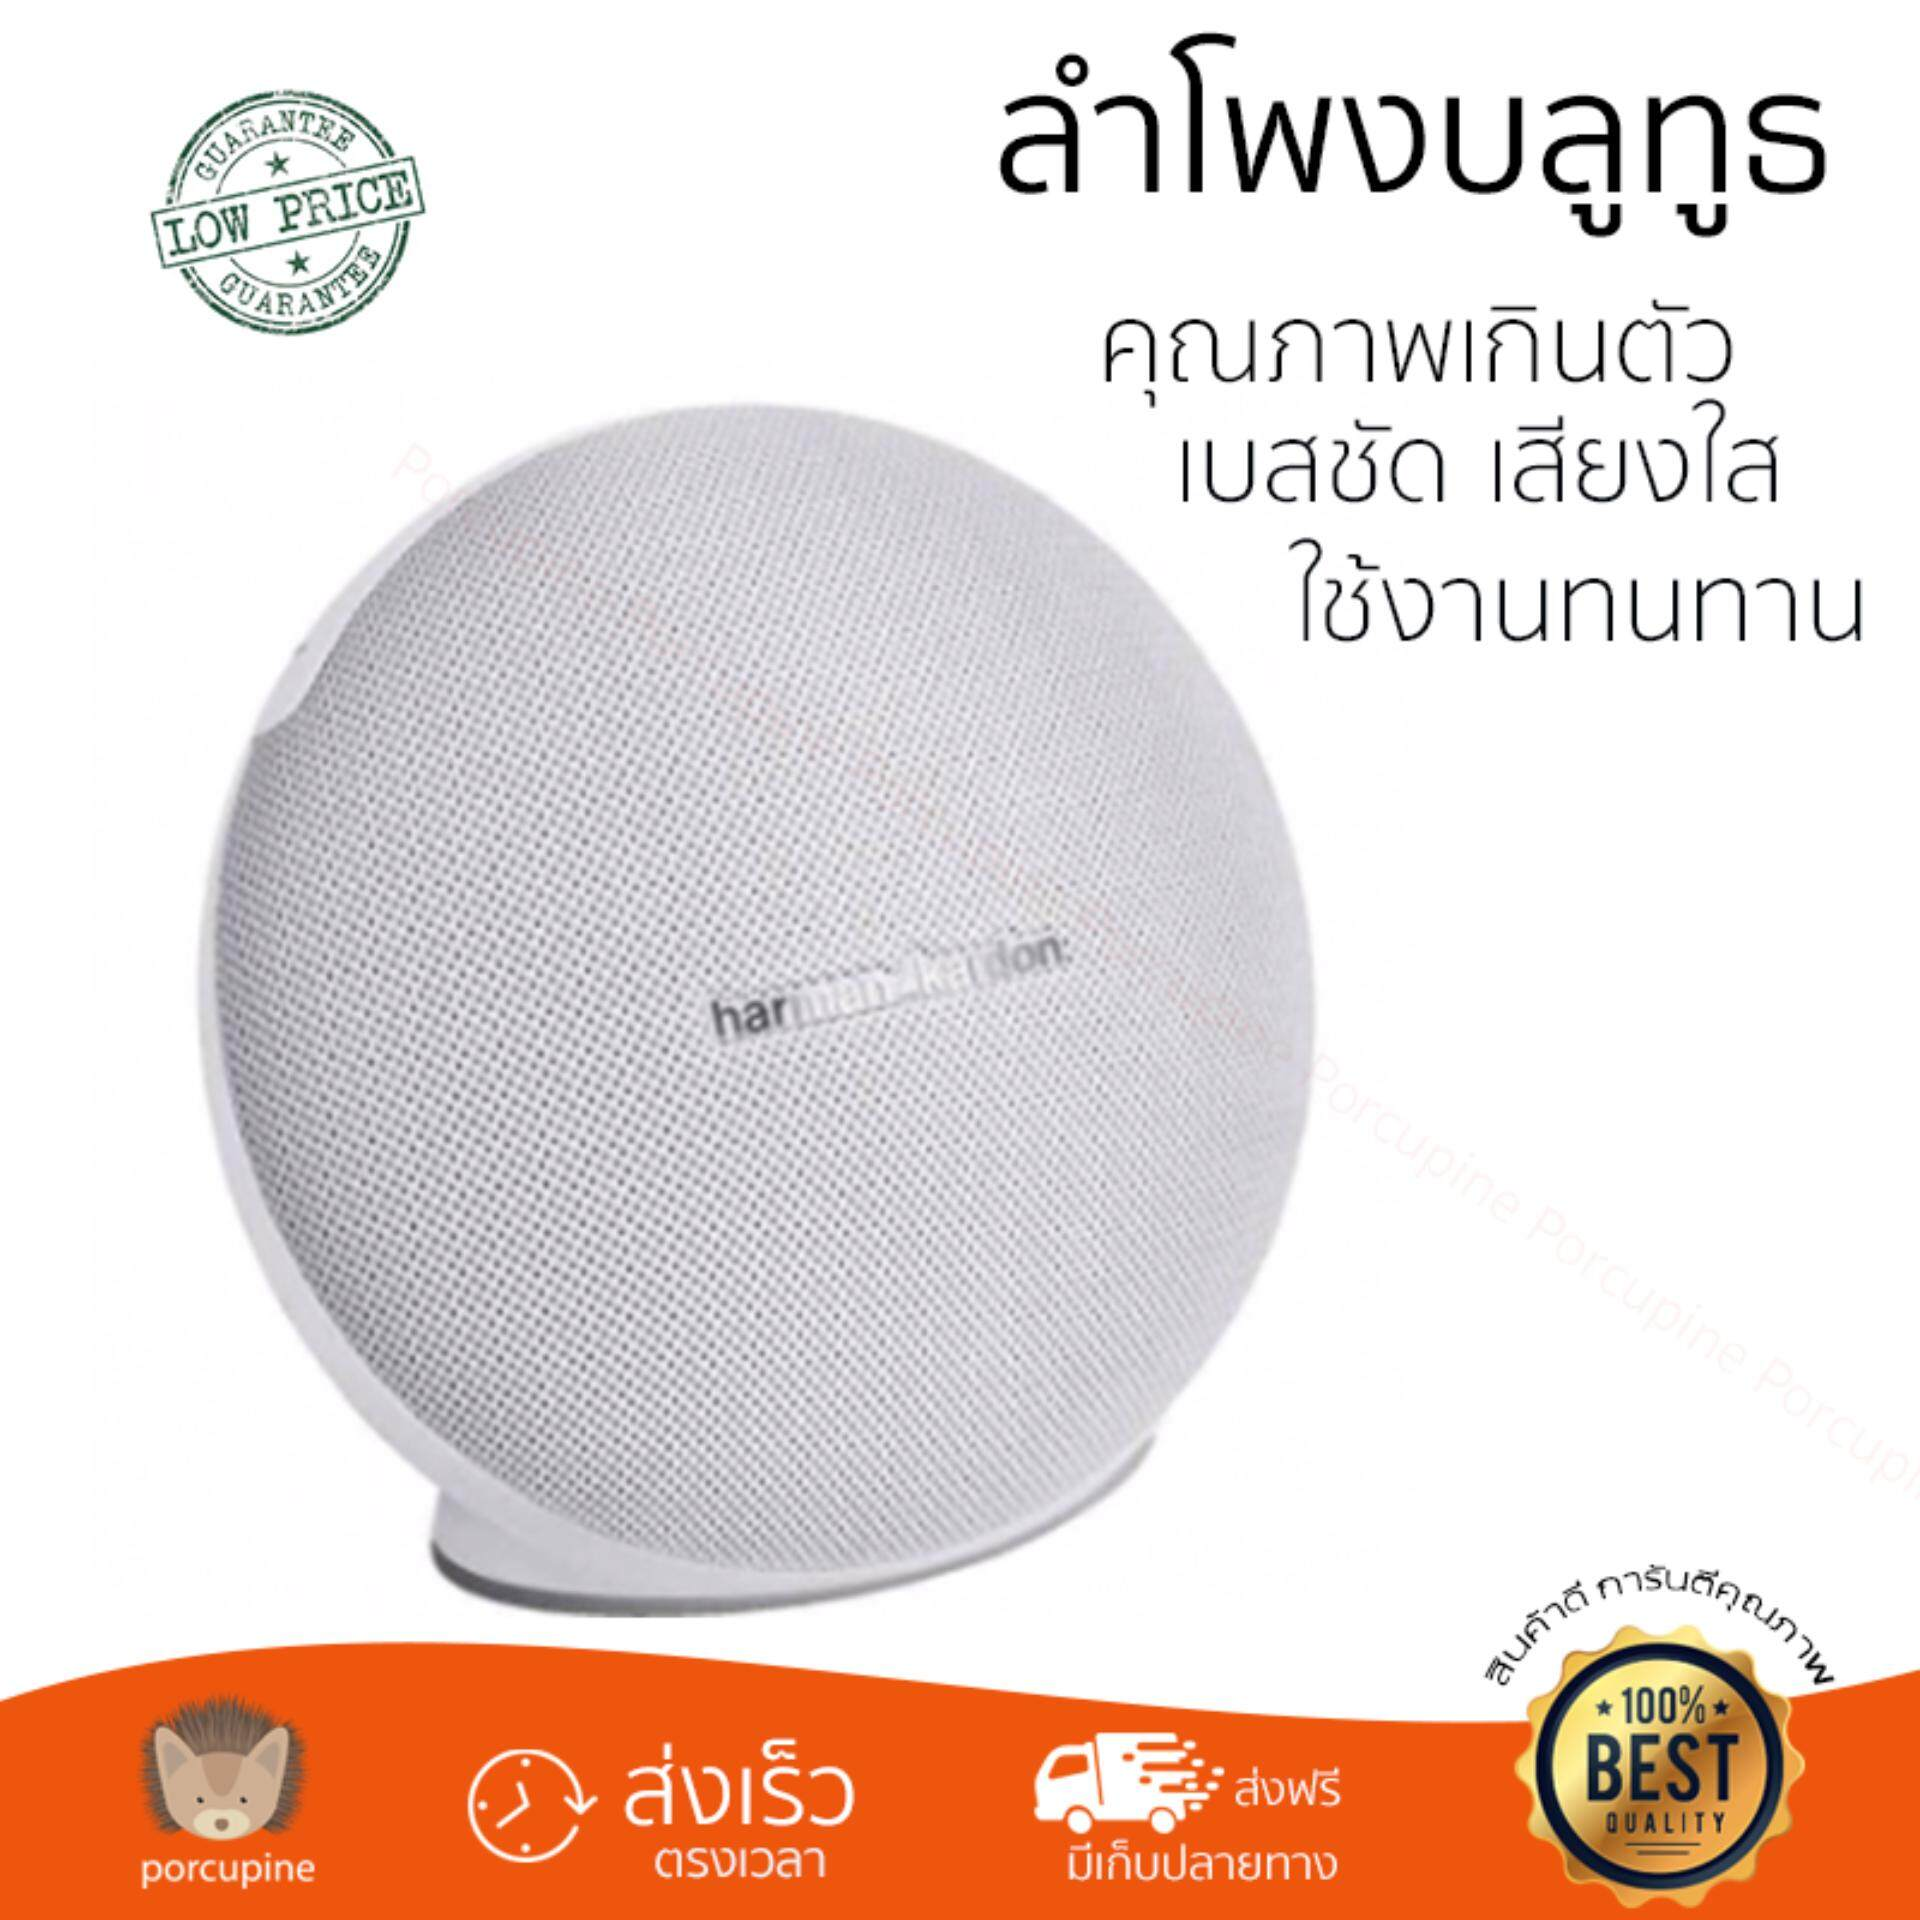 ยี่ห้อไหนดี  แพร่ จัดส่งฟรี ลำโพงบลูทูธ  Harman Kardon Bluetooth Speaker 2.1 Onyx Mini White เสียงใส คุณภาพเกินตัว Wireless Bluetooth Speaker รับประกัน 1 ปี